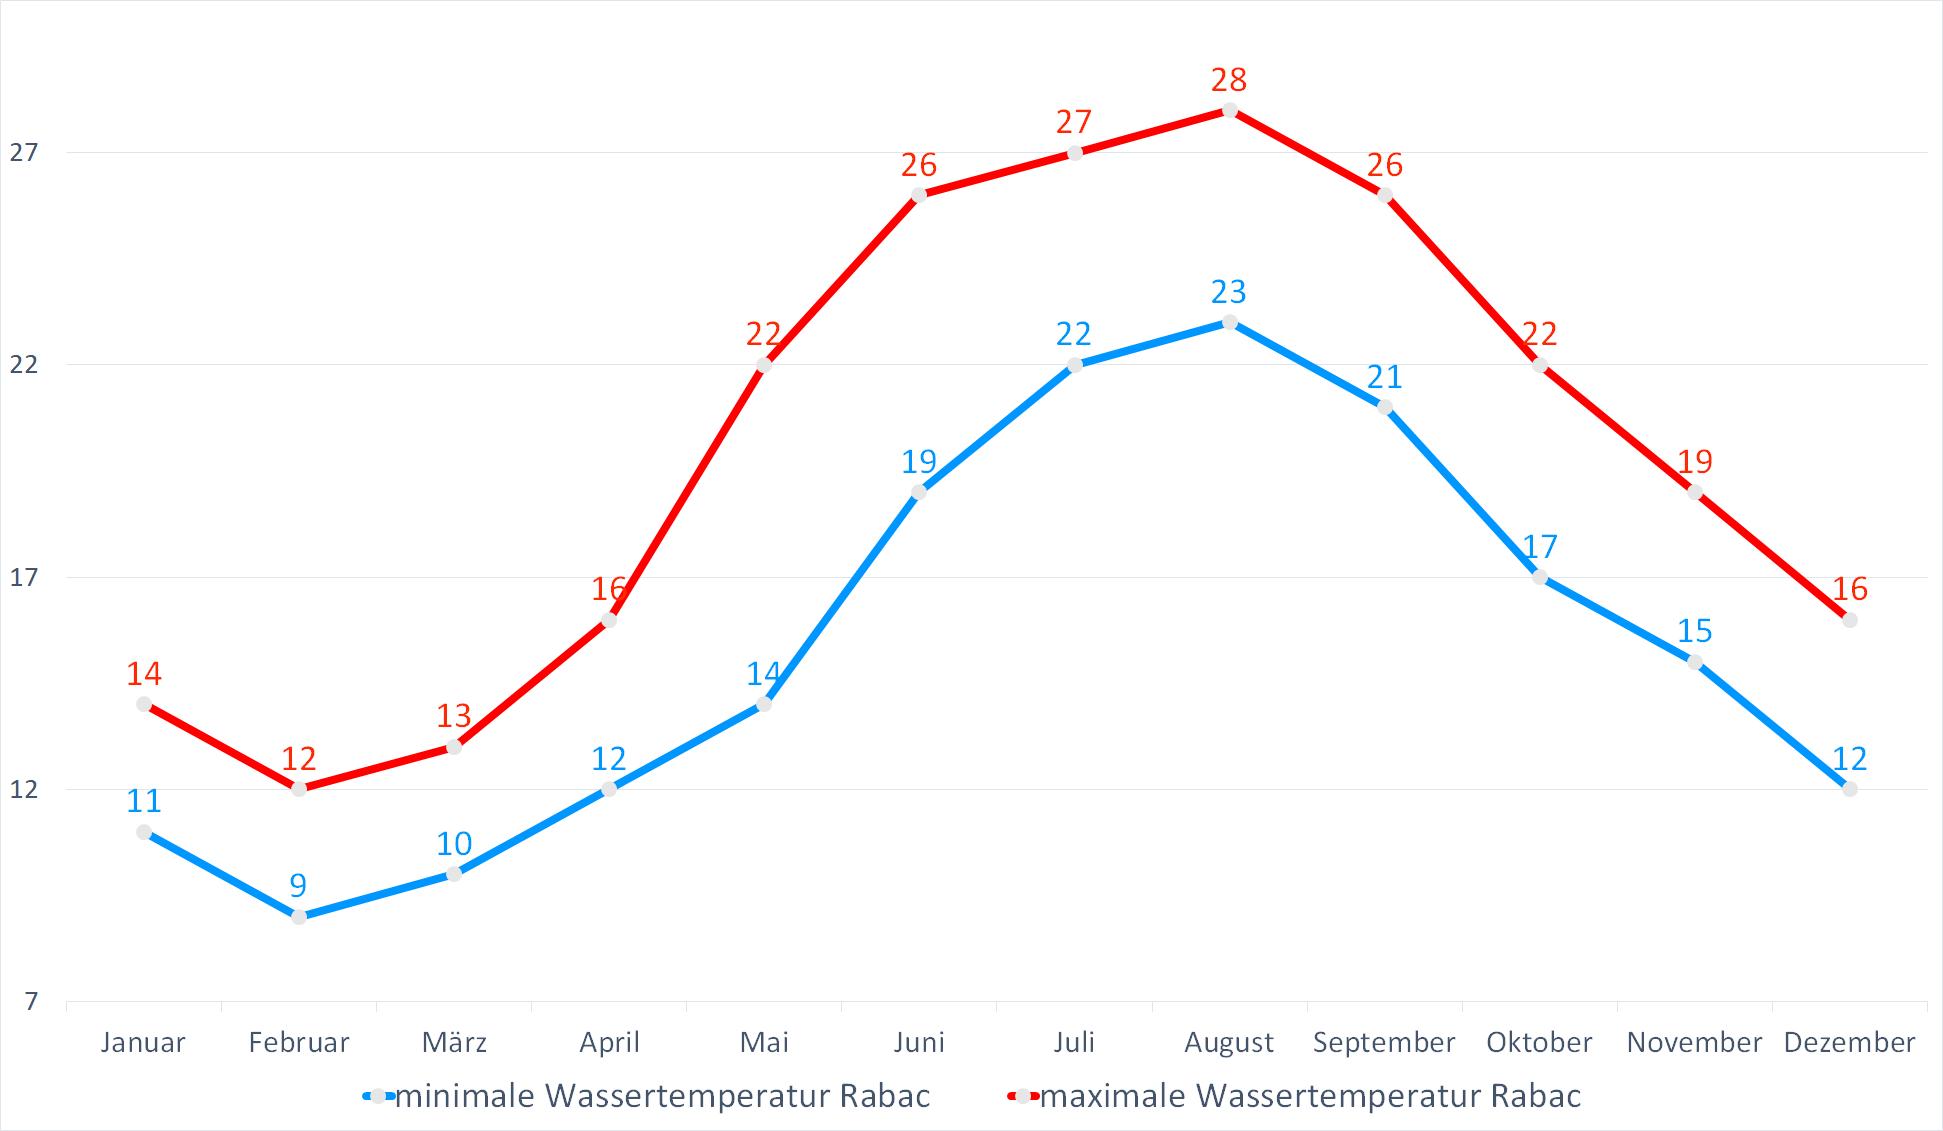 Minimale & Maximale Wassertemperaturen für Rabac im Jahresverlauf